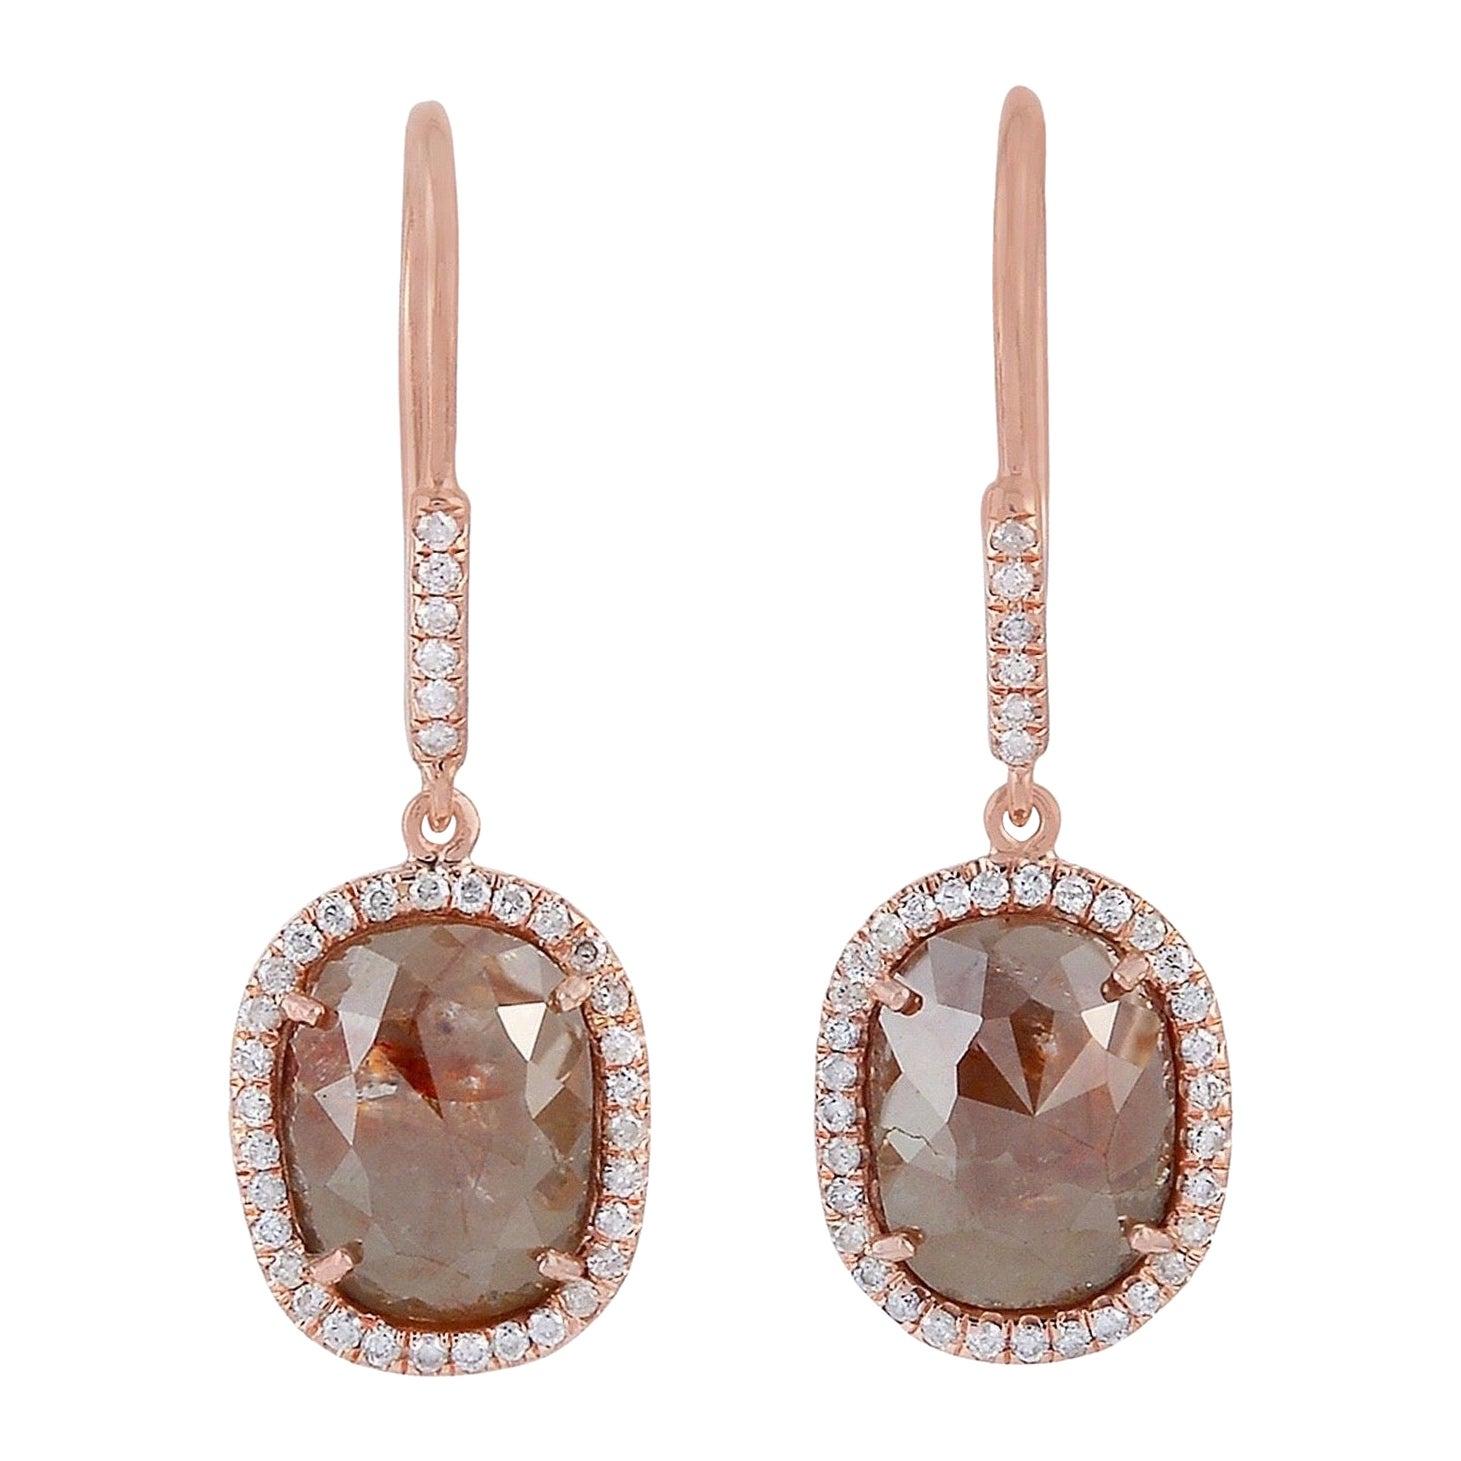 Fancy Diamond 18 Karat Gold Earrings